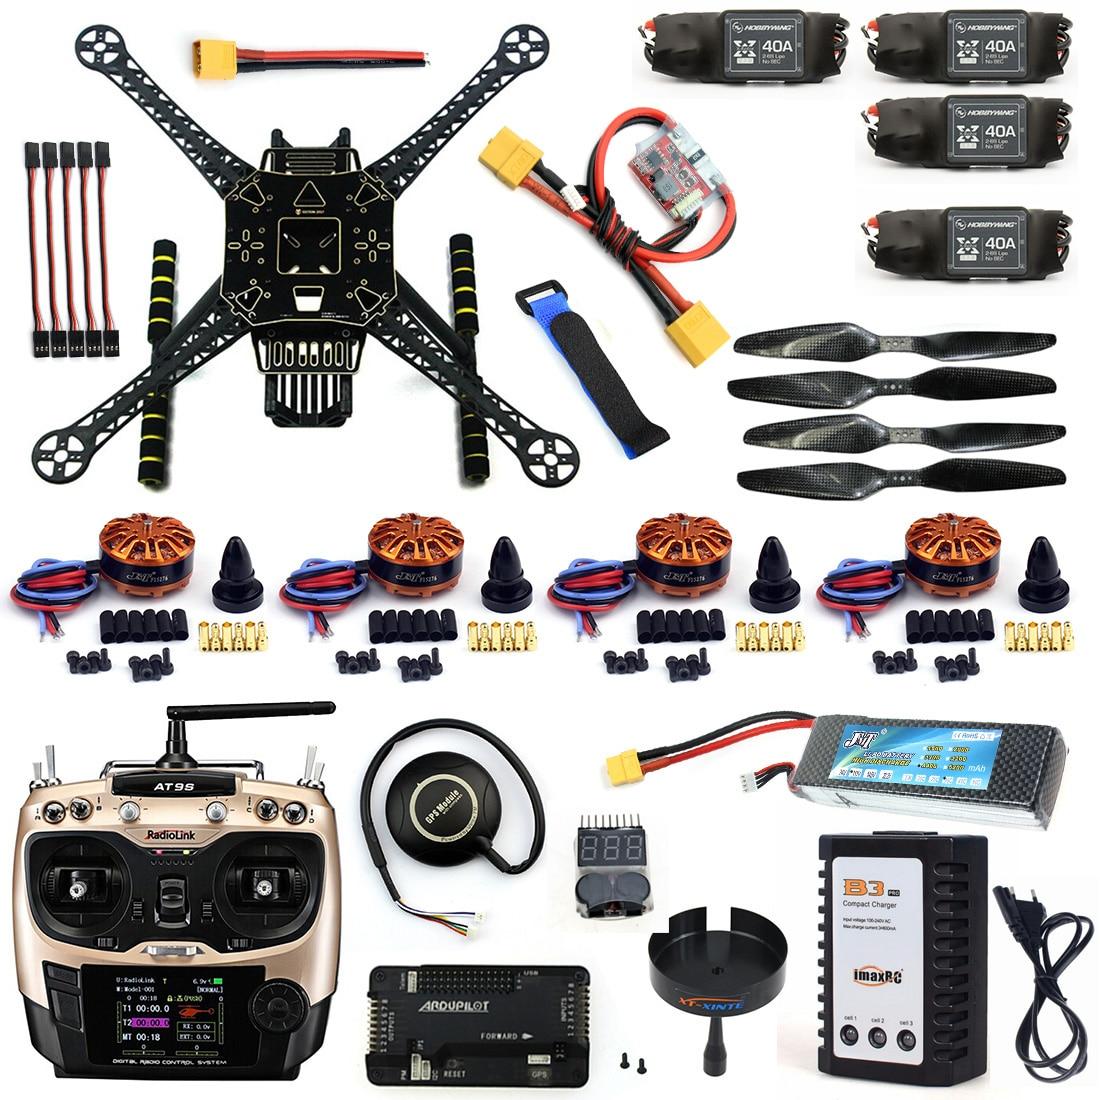 BRICOLAGE Démontées Plein Quadcopter RC FPV Drone S600 Cadre Kit avec APM 2.8 Pas de Boussole 700KV Moteur 40A ESC Batterie Chargeur AT9S TX